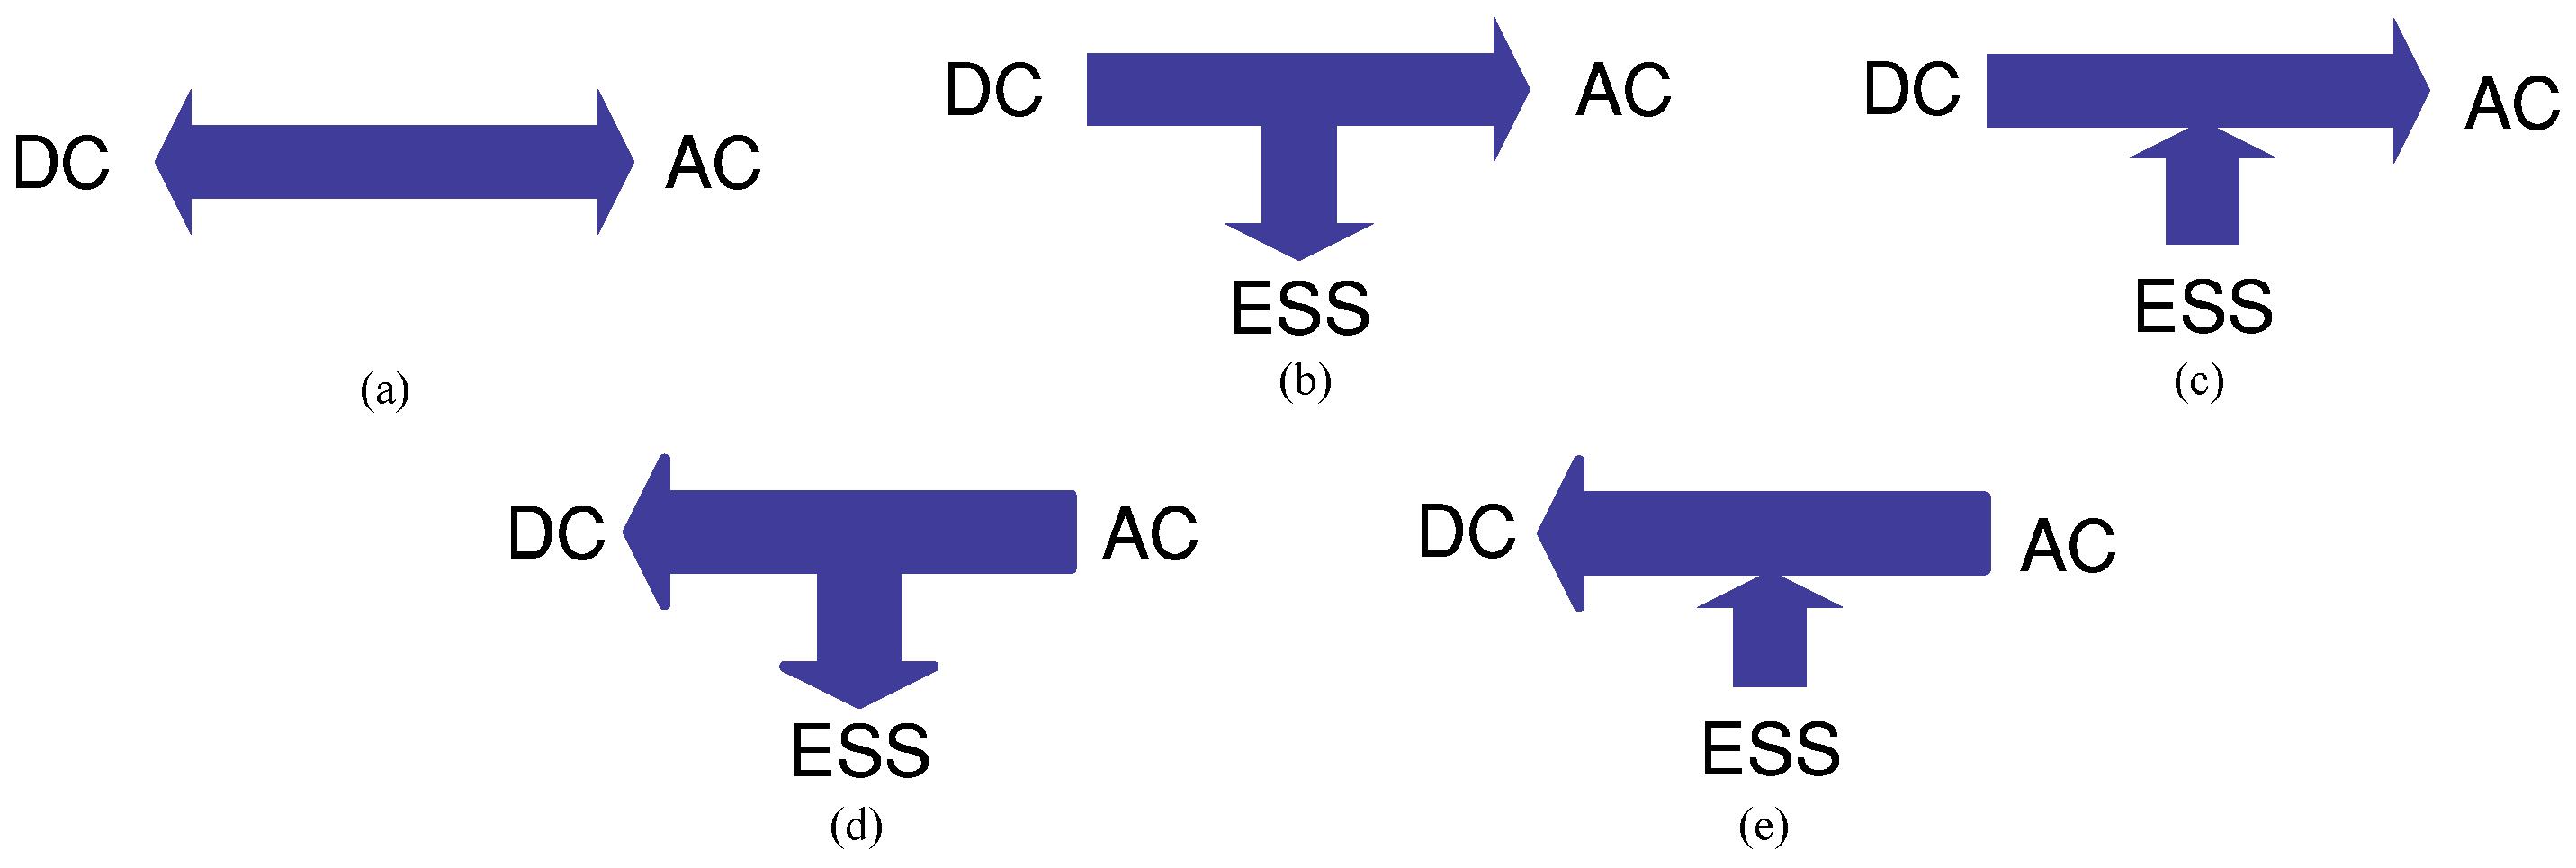 solar power convertion using multilevel inverter